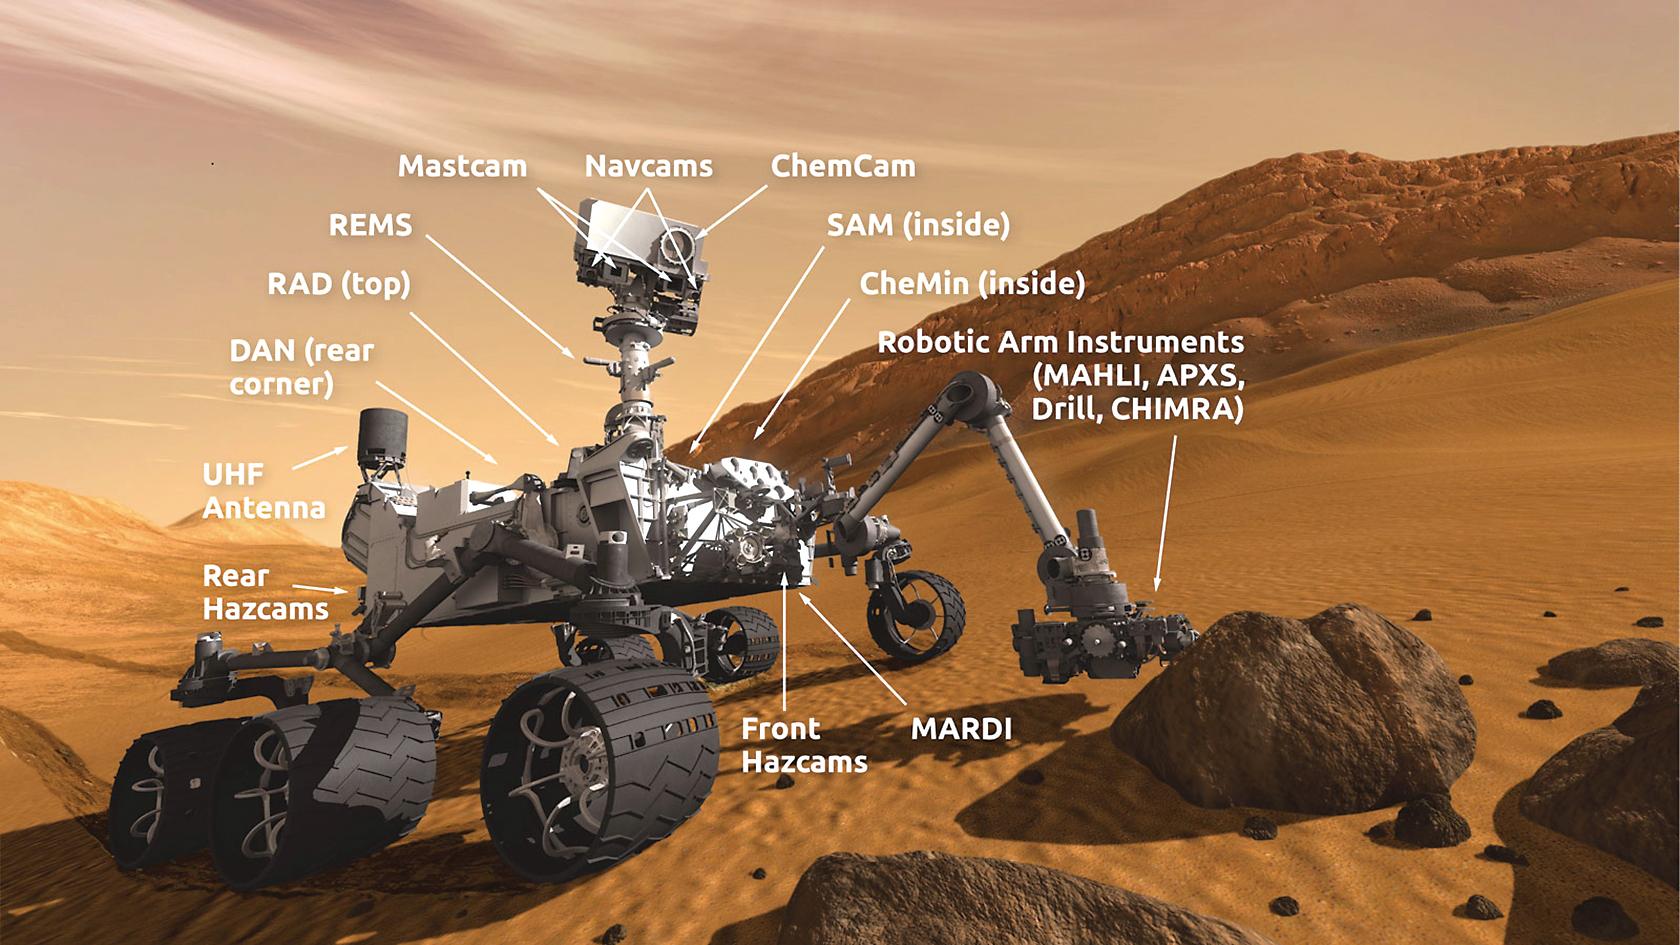 好奇號火星探測車及其上的各種儀器裝置,其中包括樣品分析(SAM)和化學礦物儀器(CheMin)。(NASA)